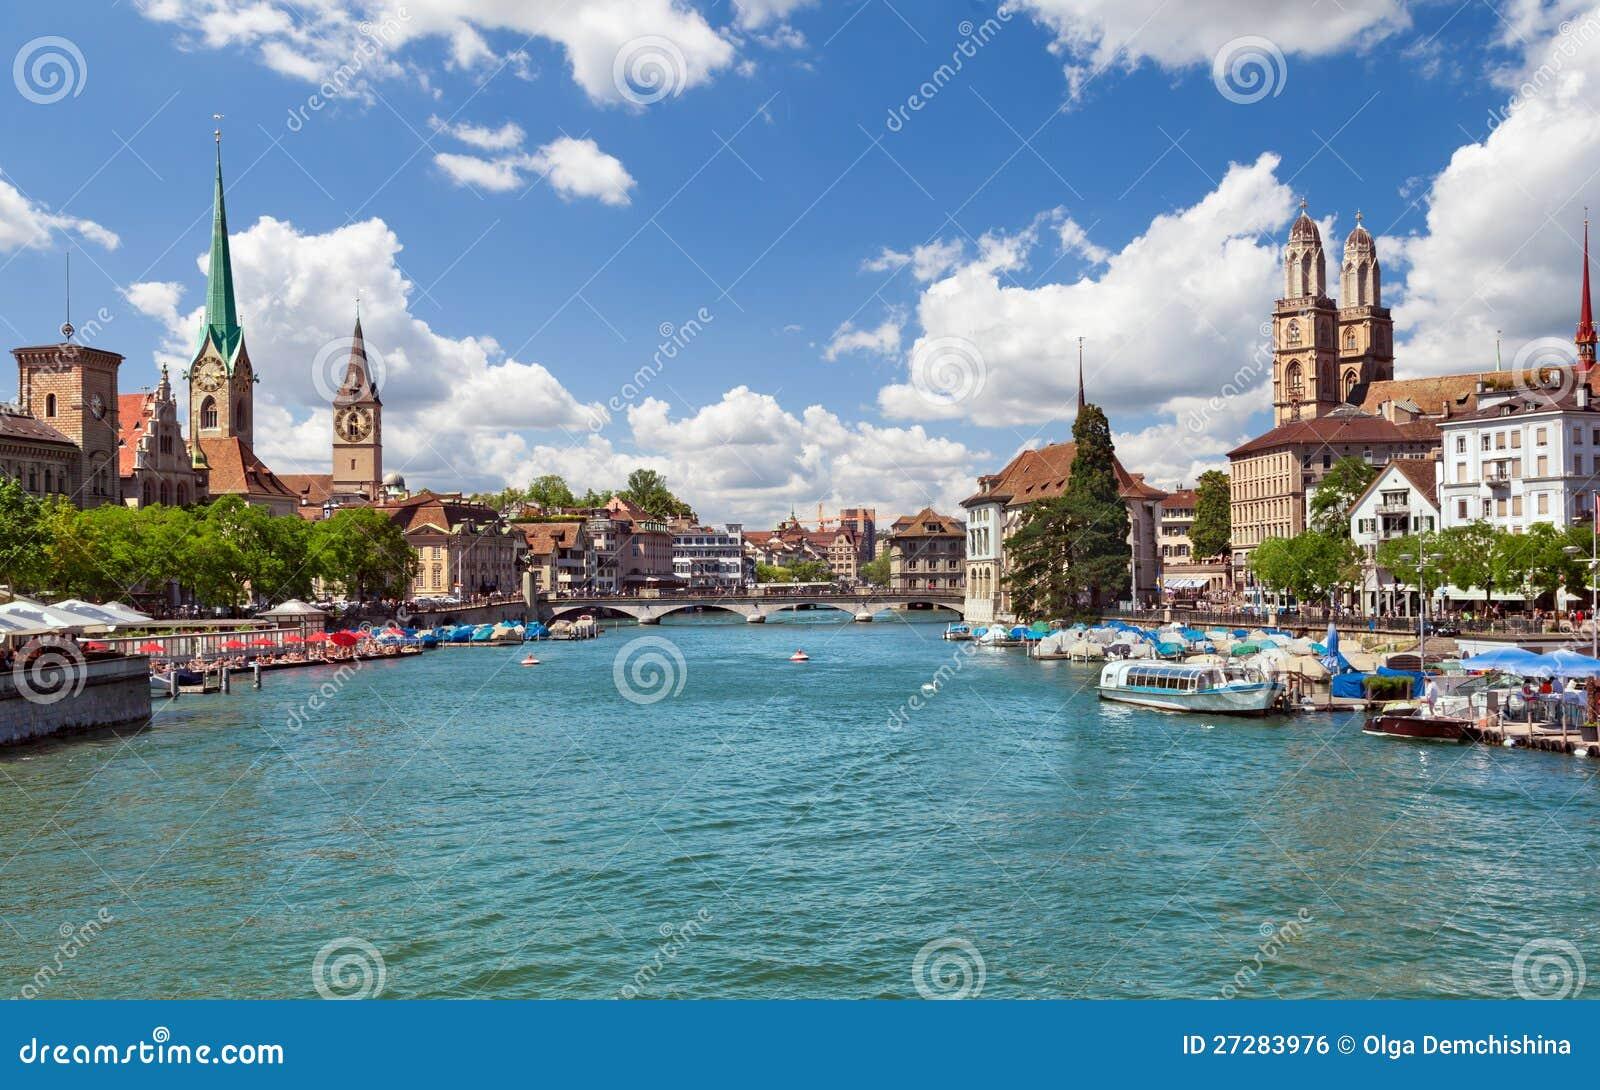 Zurich and river Limmat, Switzerland